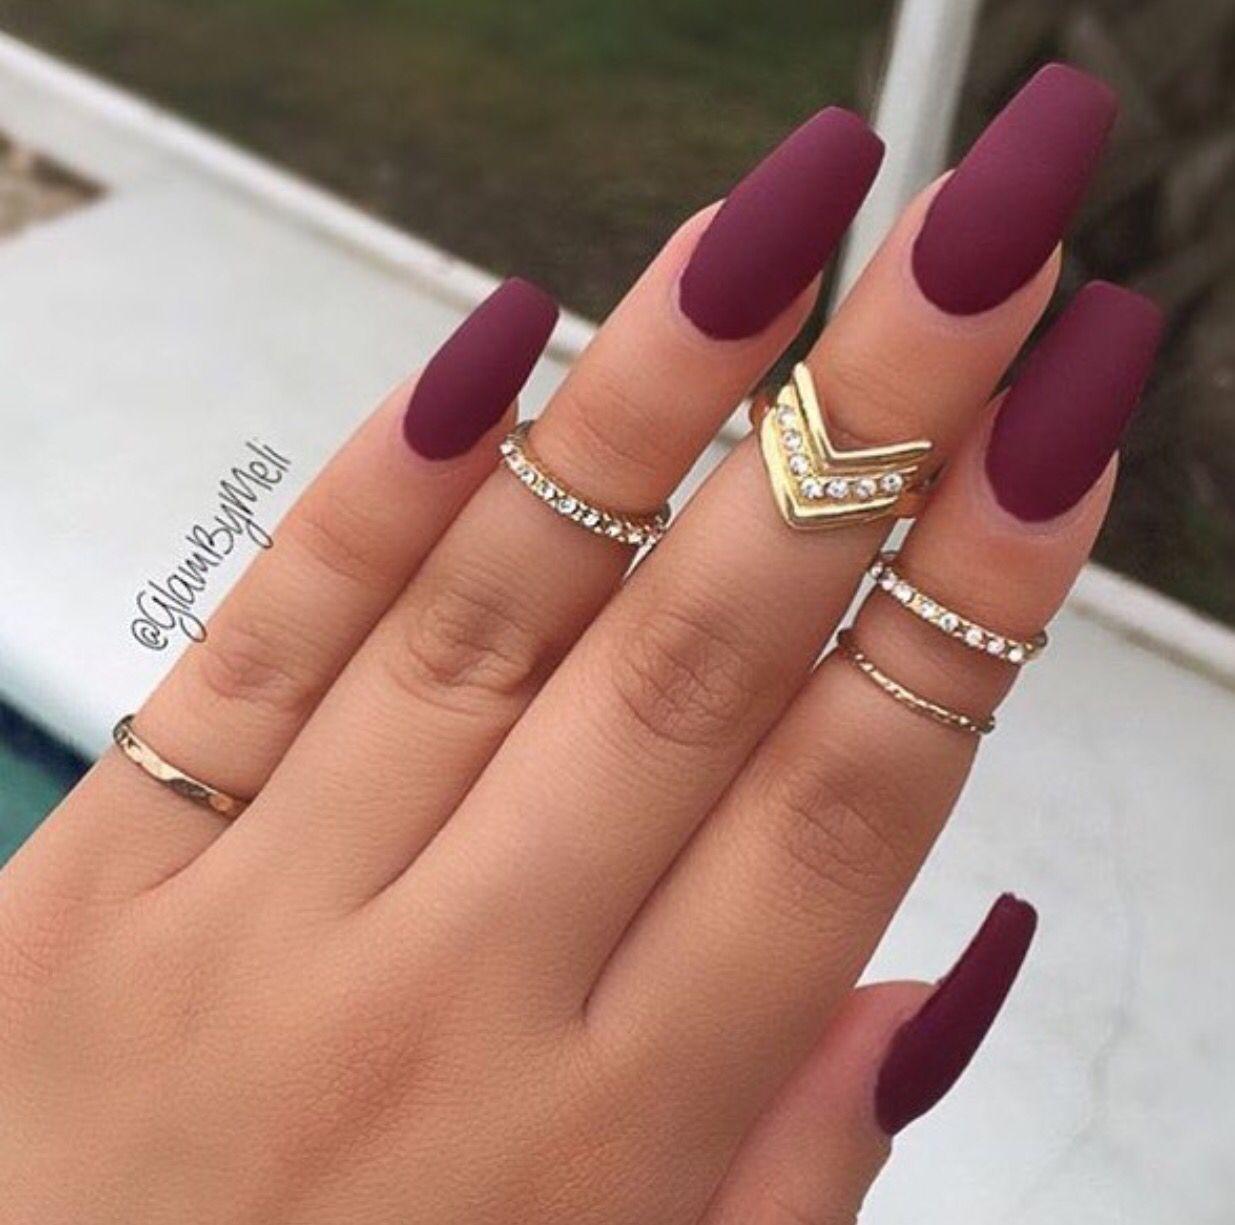 Pin by brandie on nails nails nails pinterest nail nail